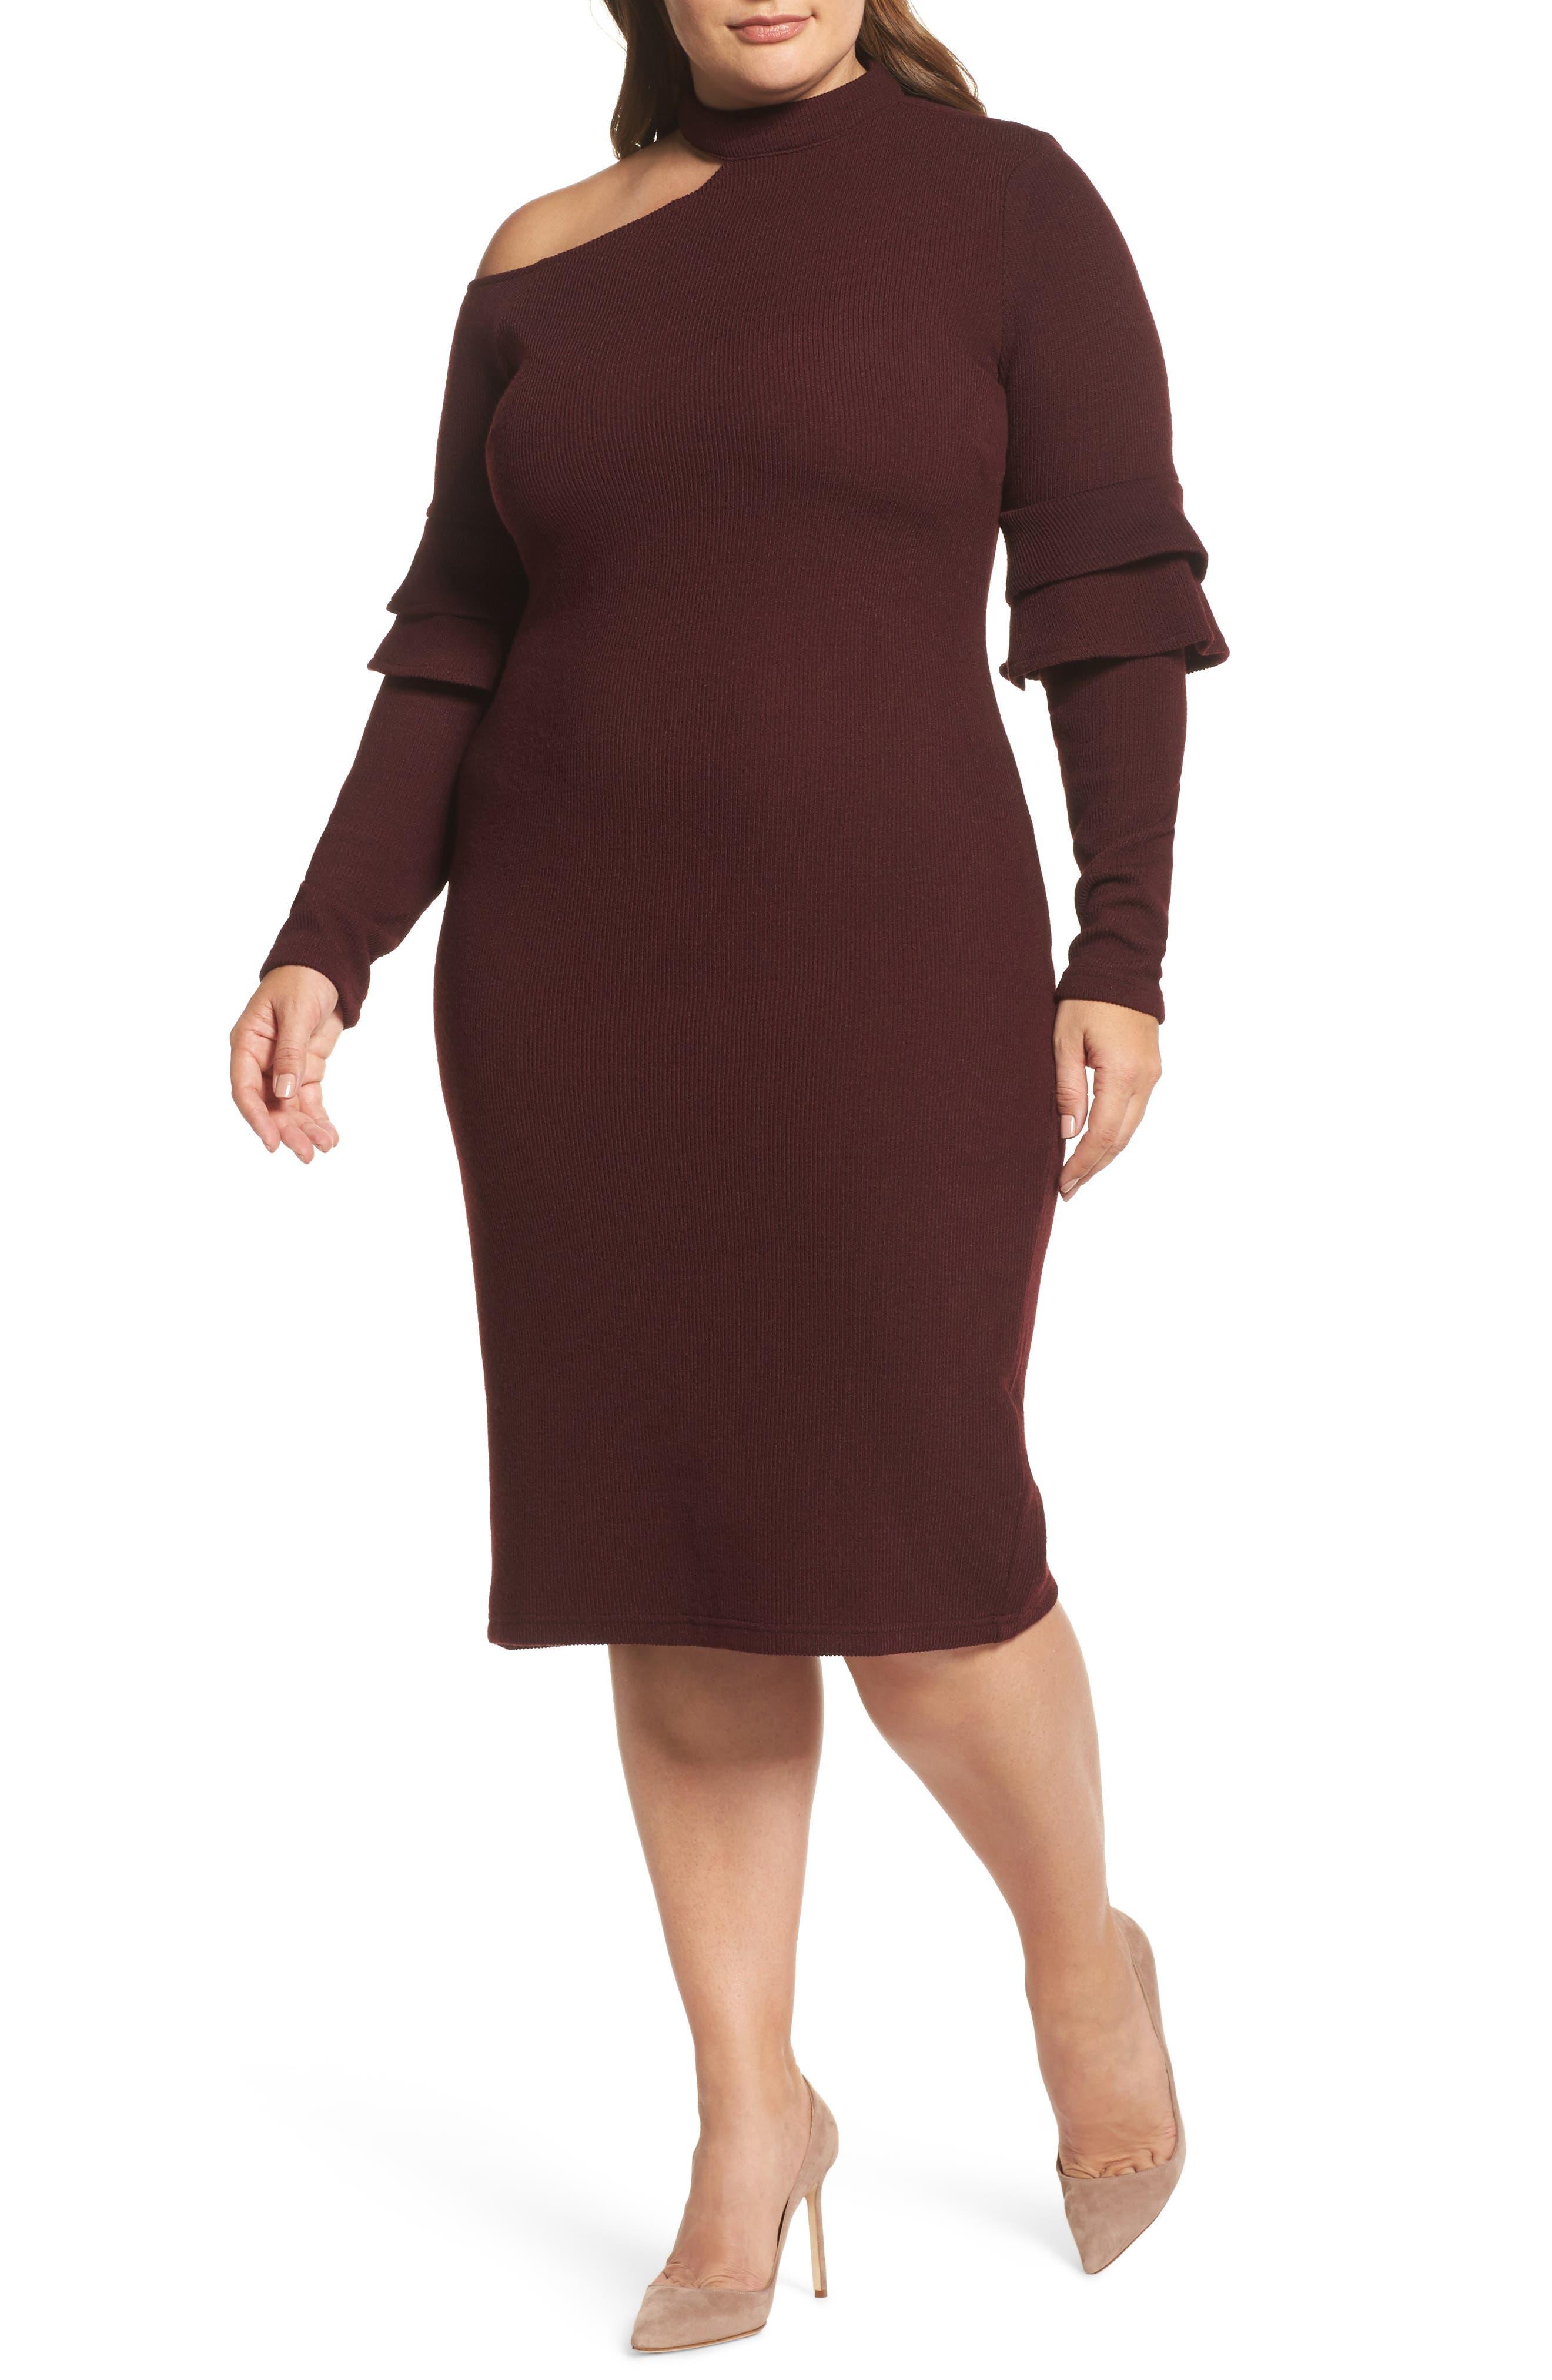 Main Image - LOST INK Shoulder Cutout Knit Dress (Plus Size)